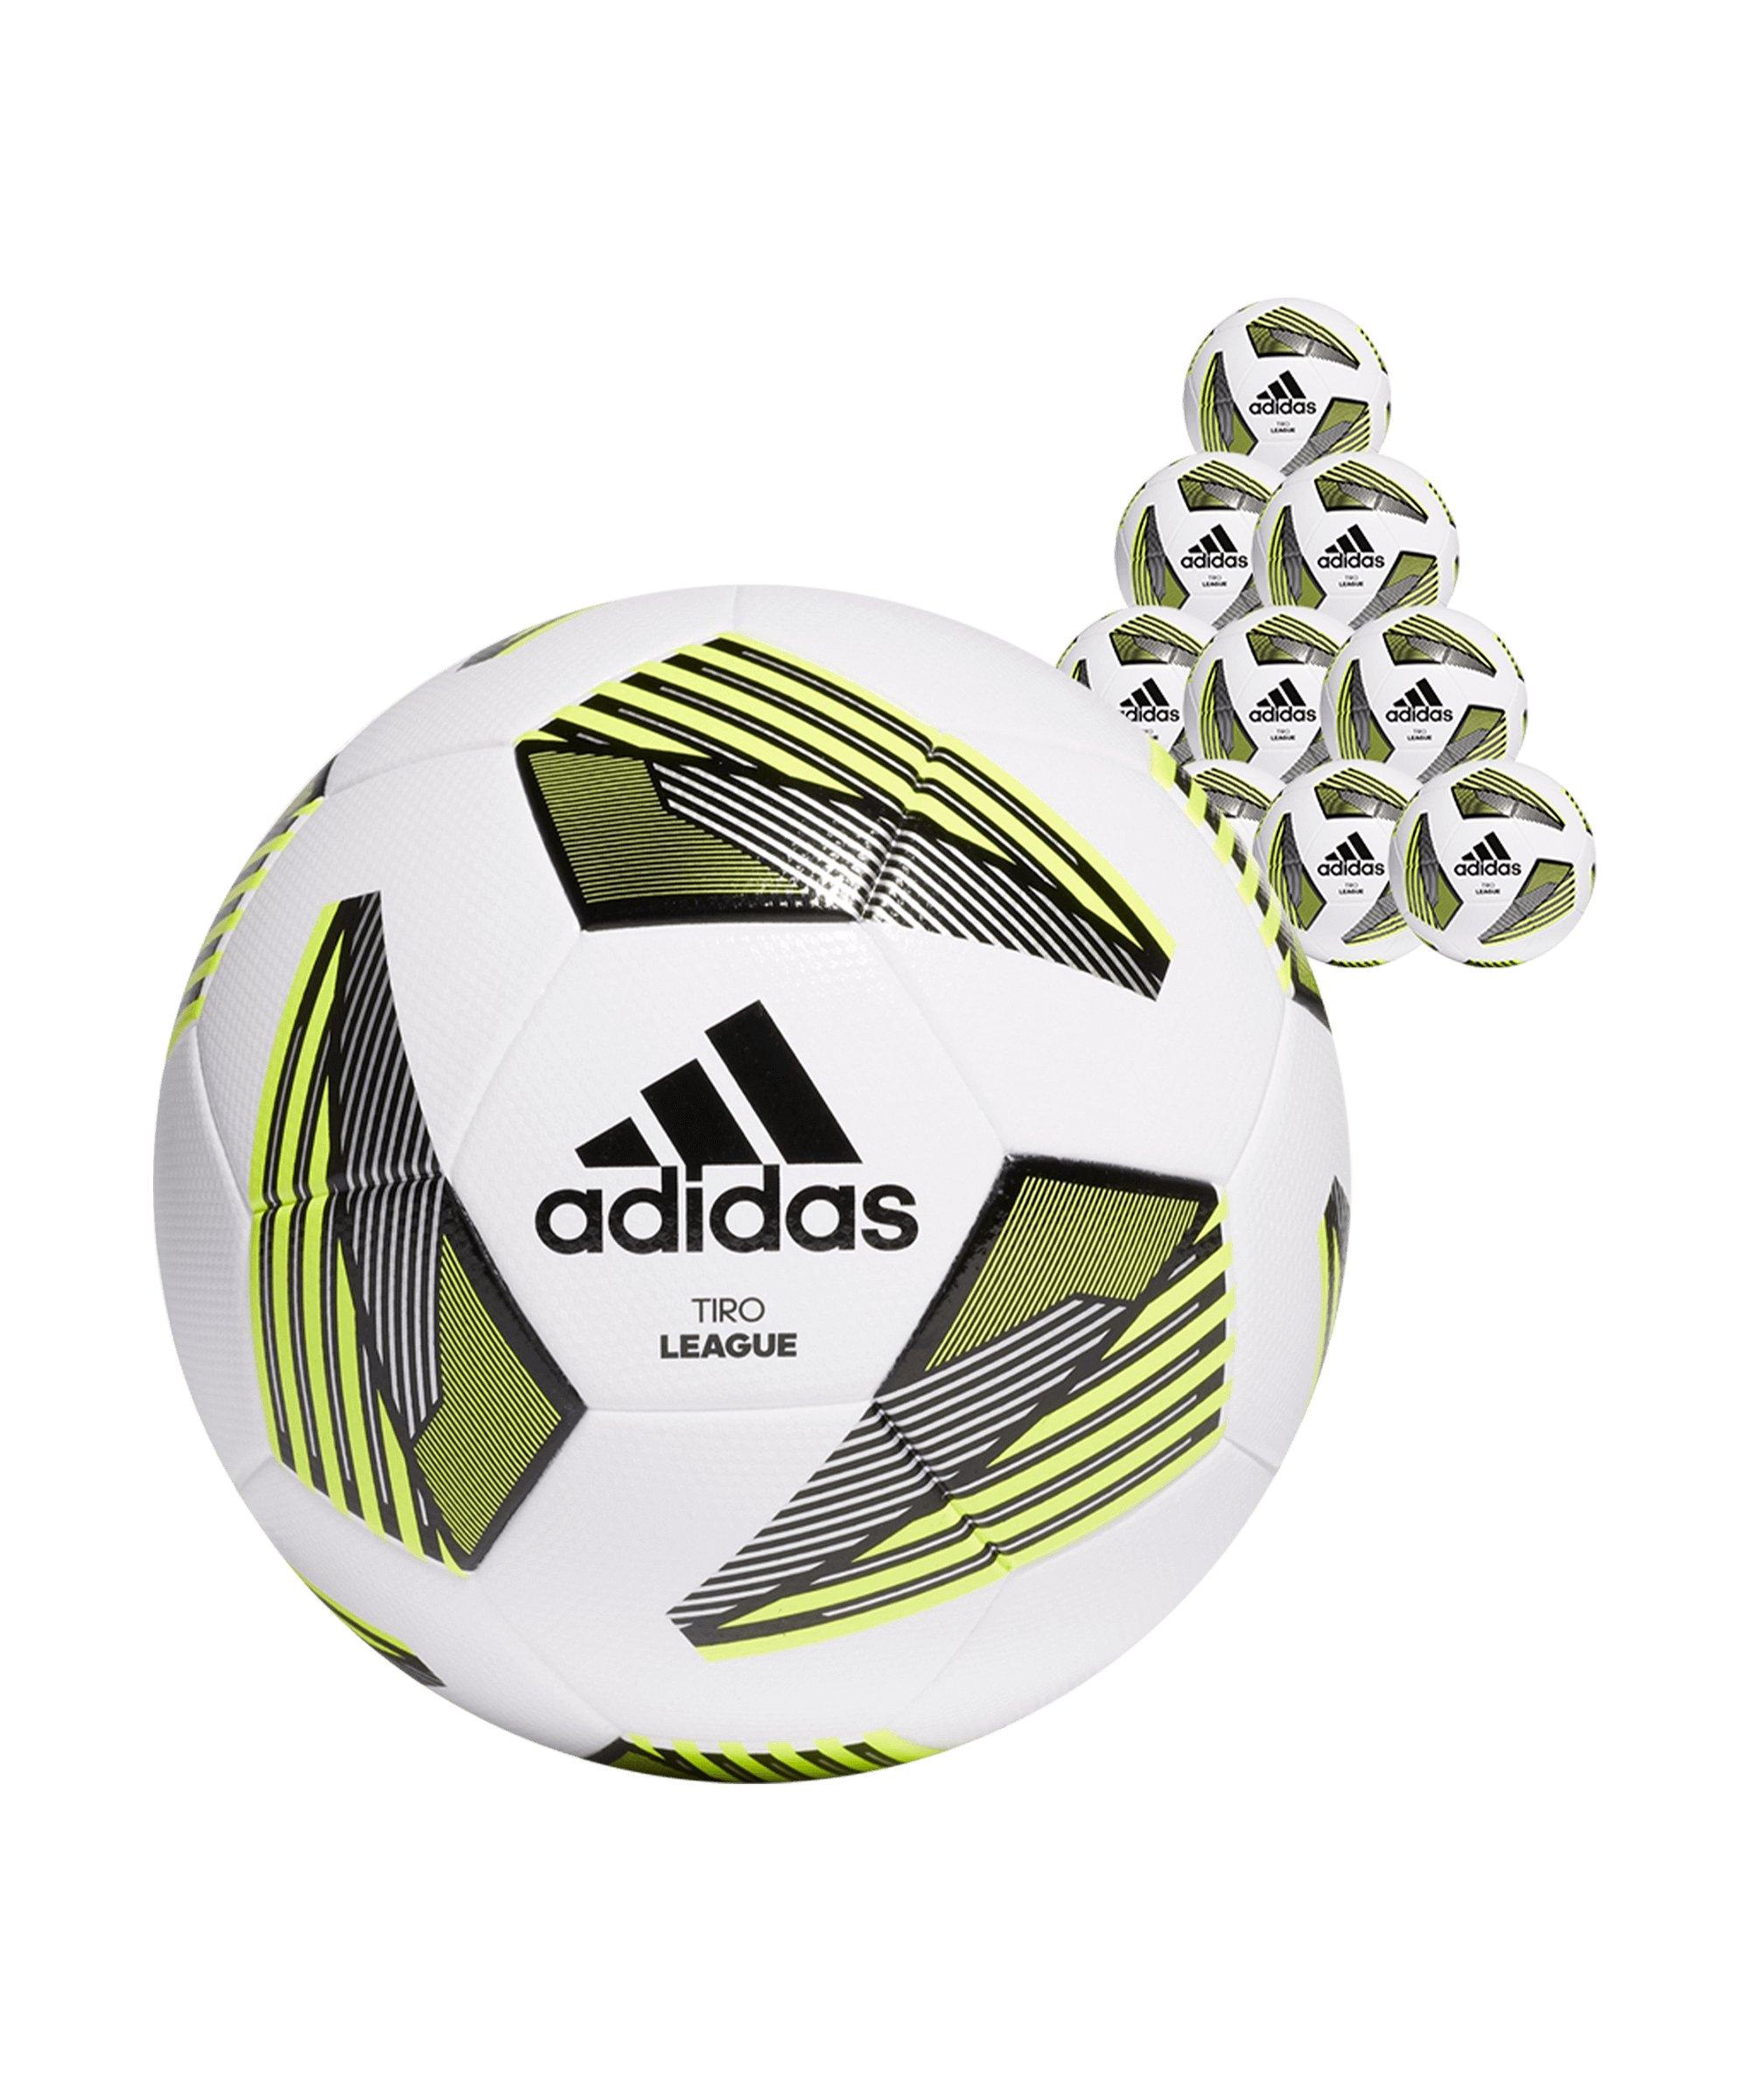 adidas Tiro League TSBE 10x Gr.5 Fussball Weiss - weiss